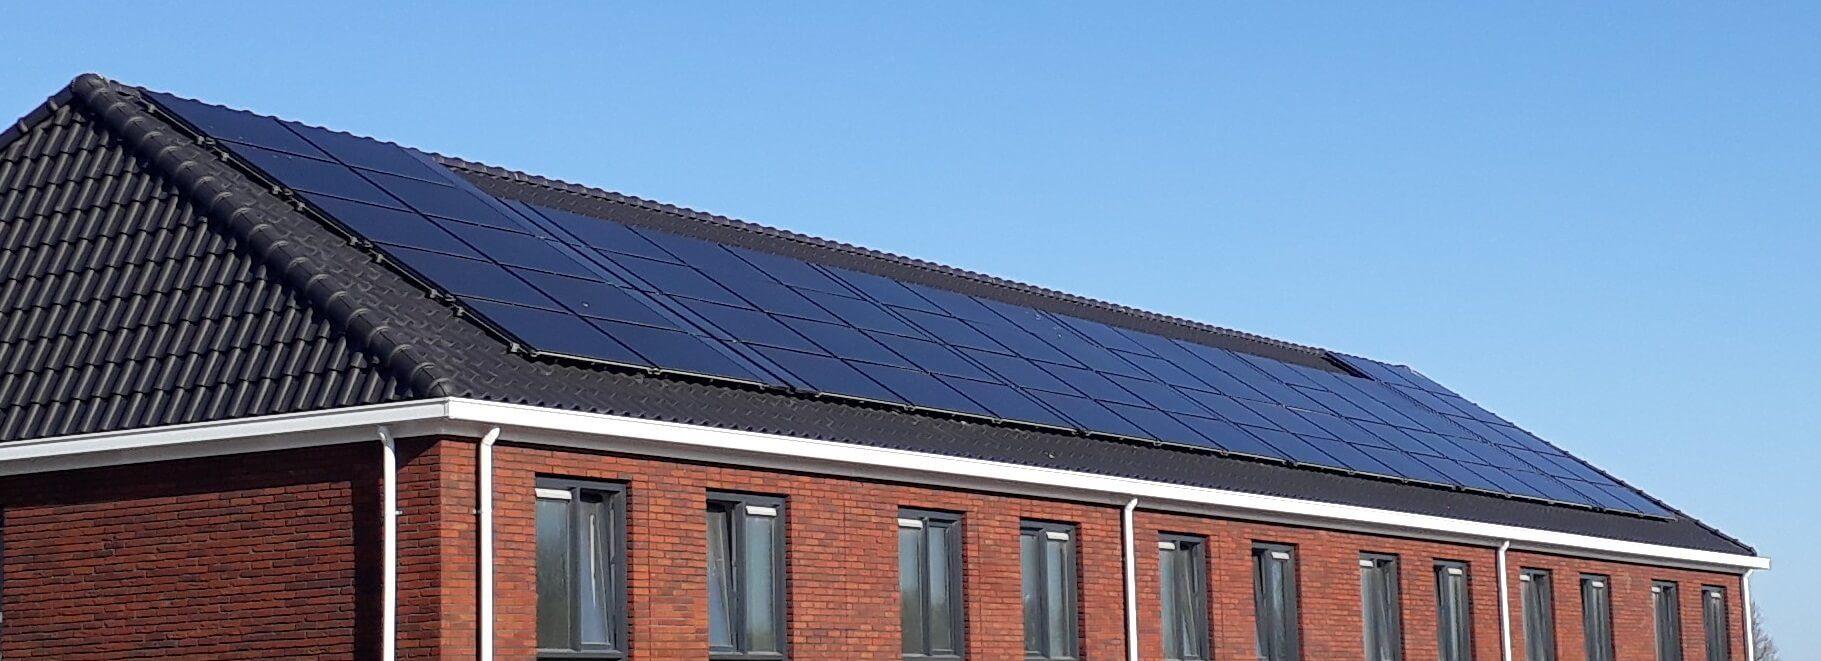 Triple-Solar-PVT-paneel-warmtepomppaneel-zonnepaneel-de-draai-heerhugowaard-02